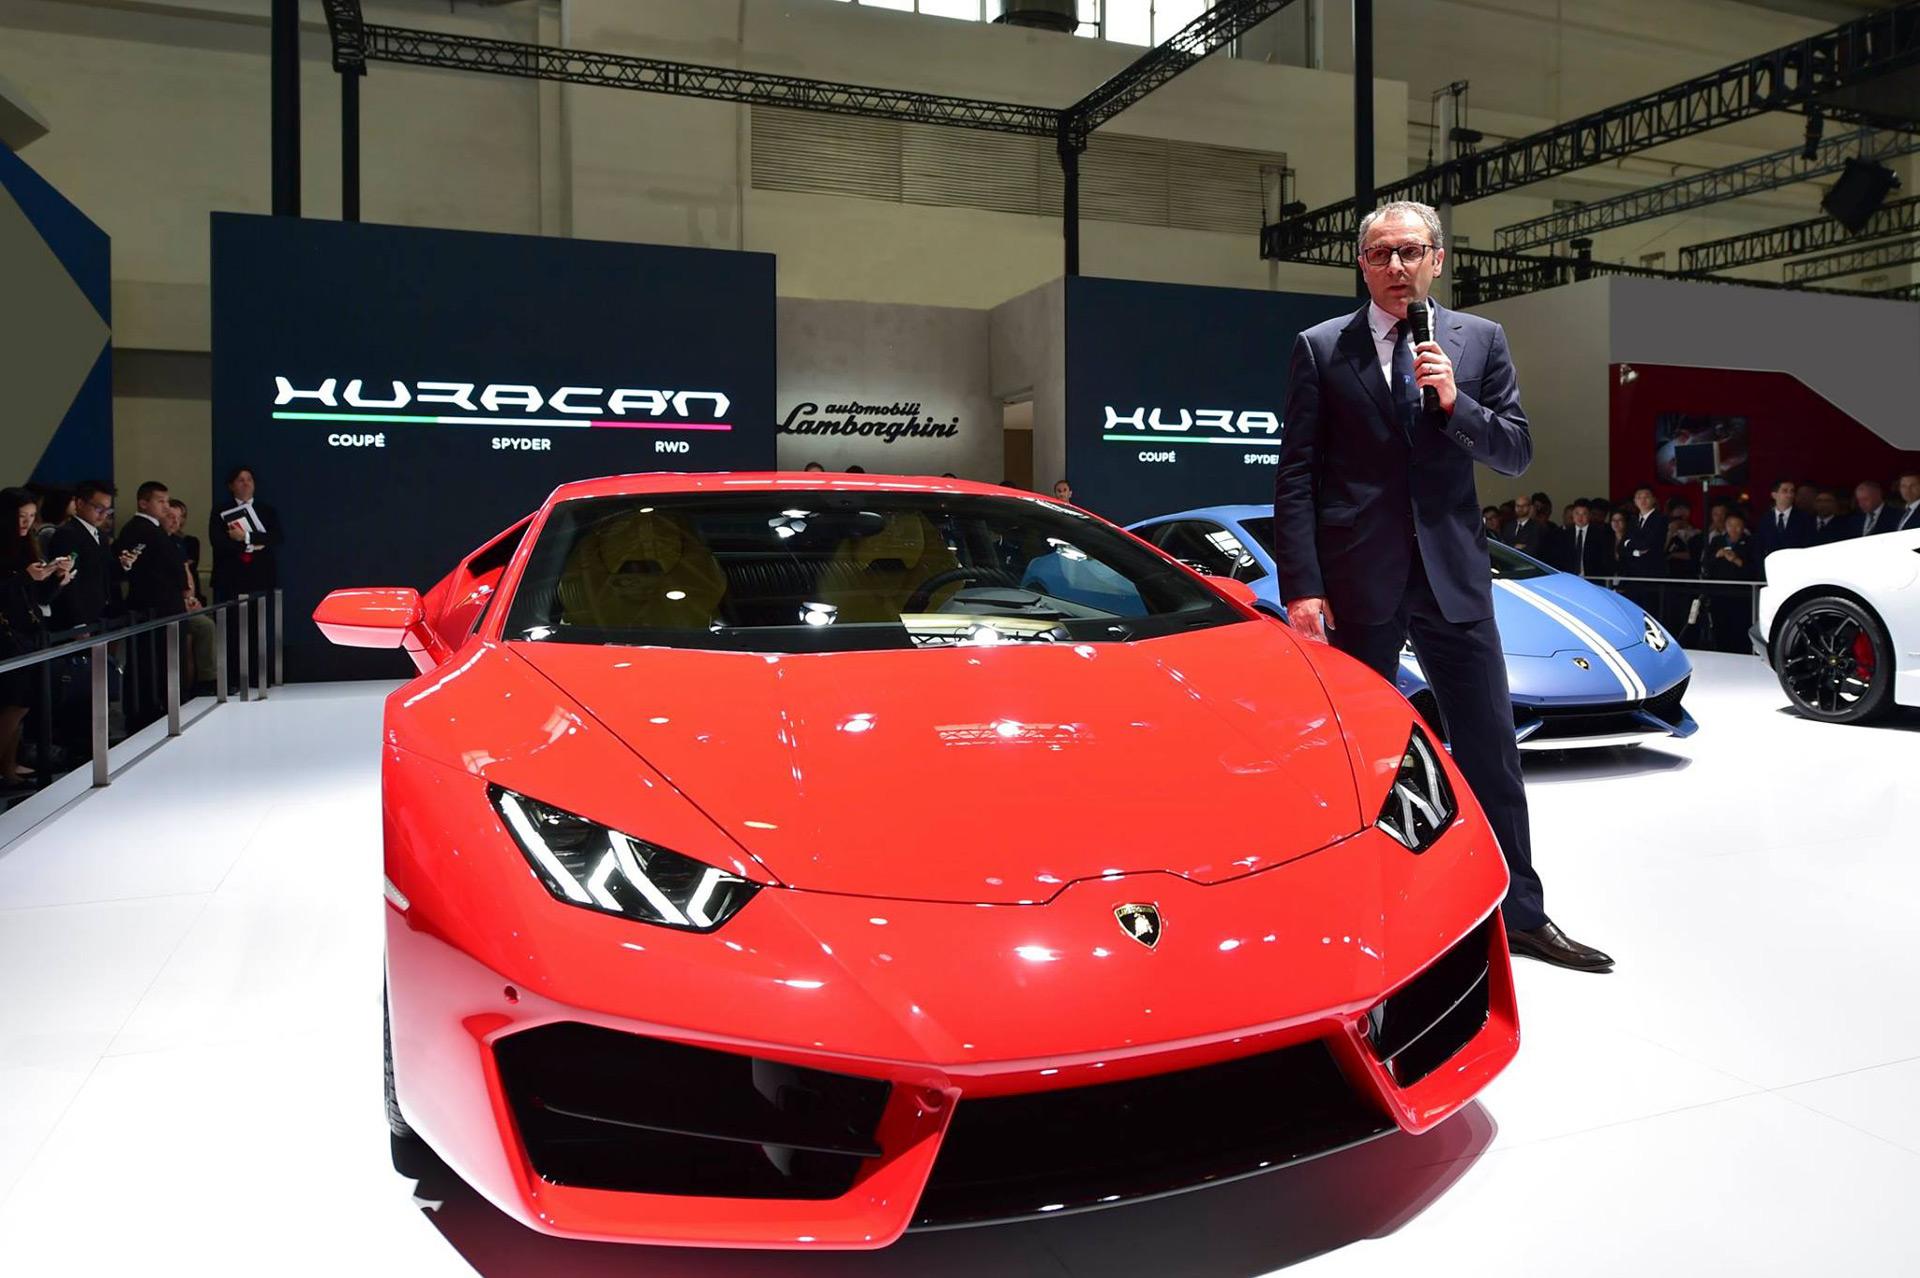 Stefano Domenicali Makes First Presentation As Lamborghini Ceo